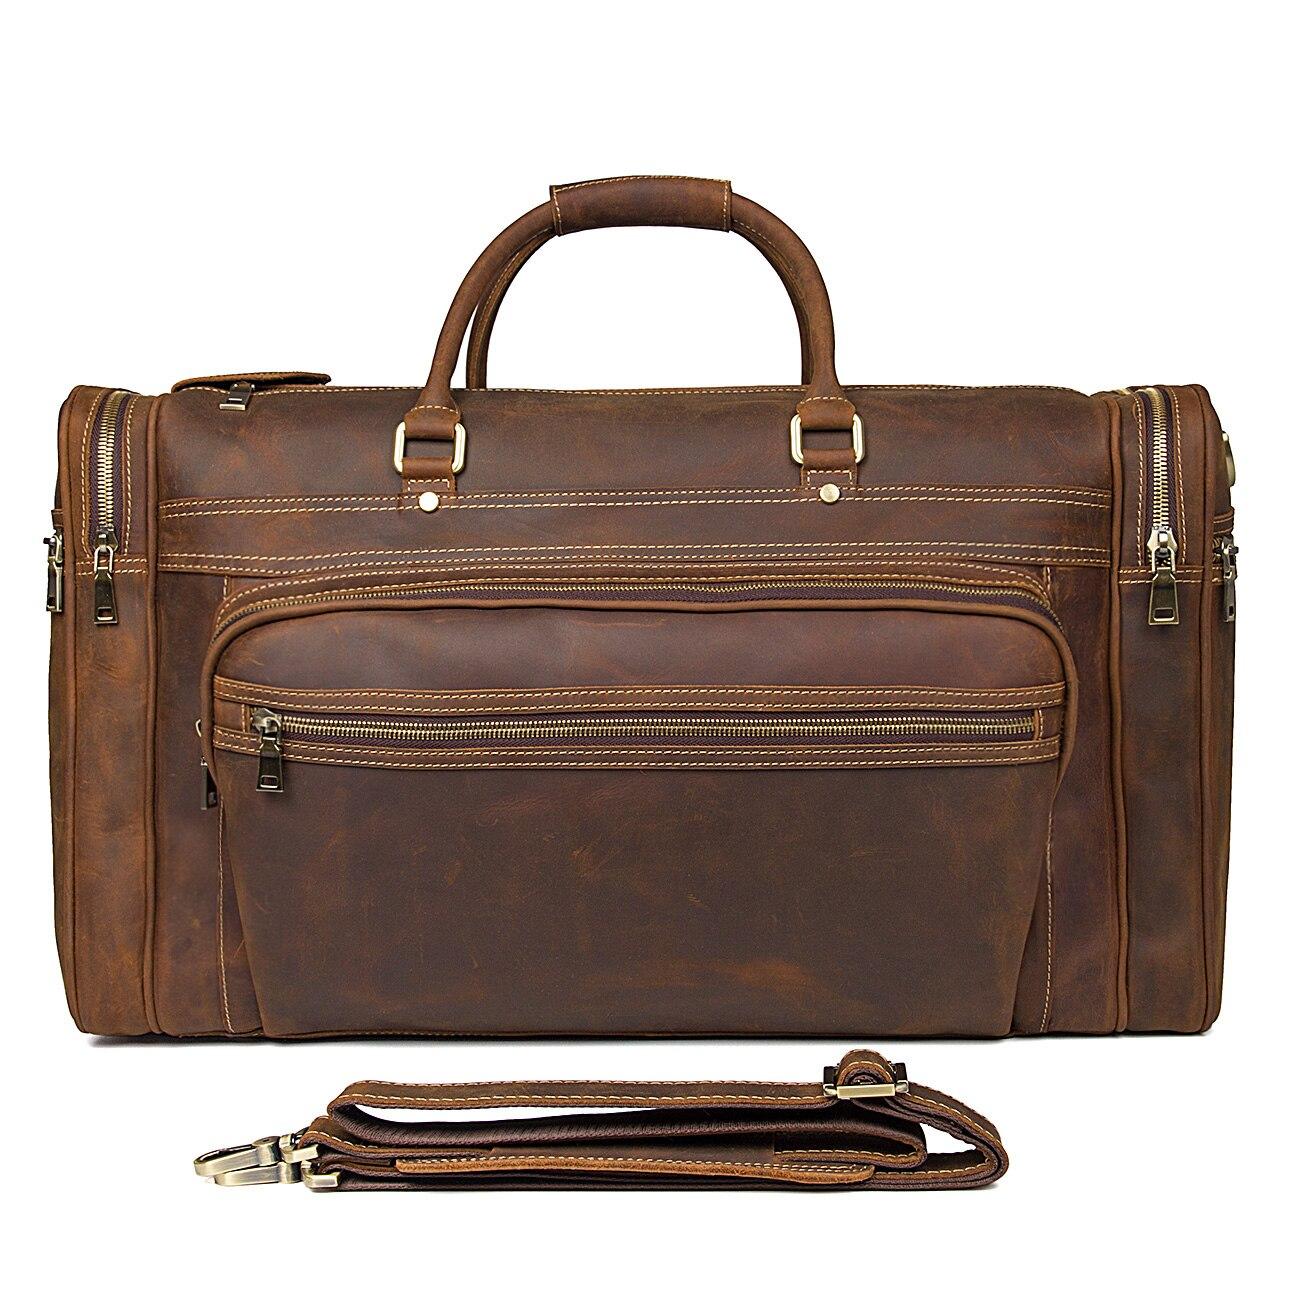 Laptop Klassischen Ausgezeichnete 7317lr Brown Tasche Leder Bag Großraum Echtem tasche Business Vintage Casual Jmd Reise Duffle Tote Odqvvx